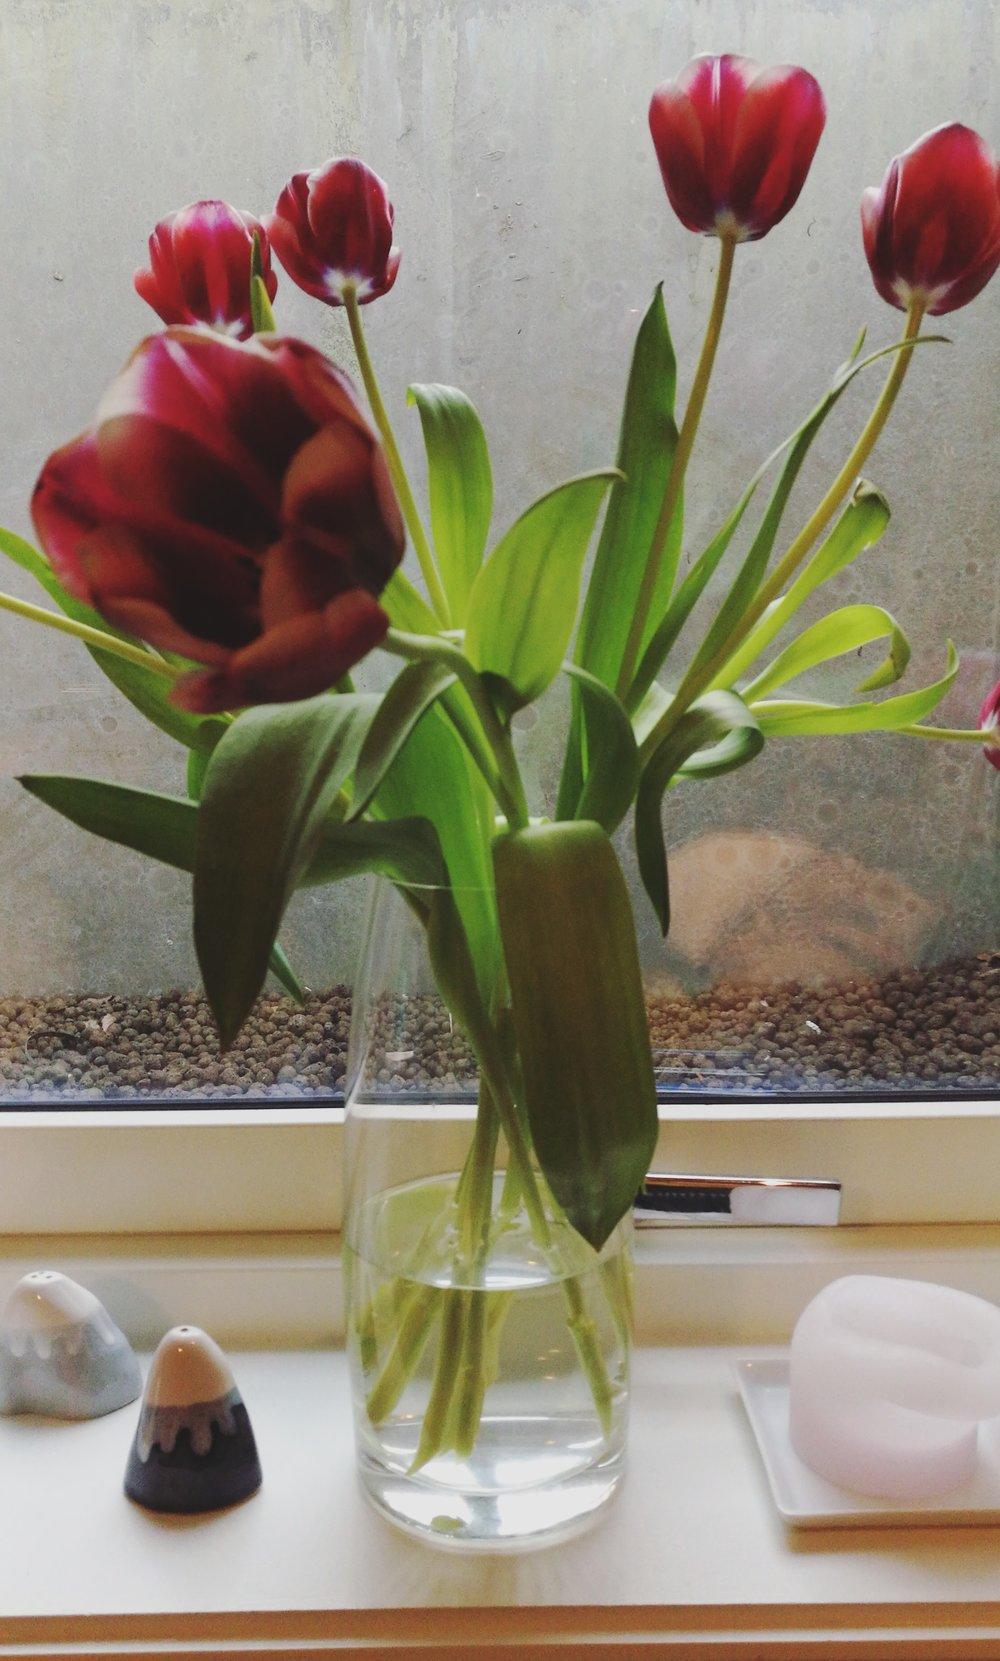 Blomster for å pynte på utsikten!